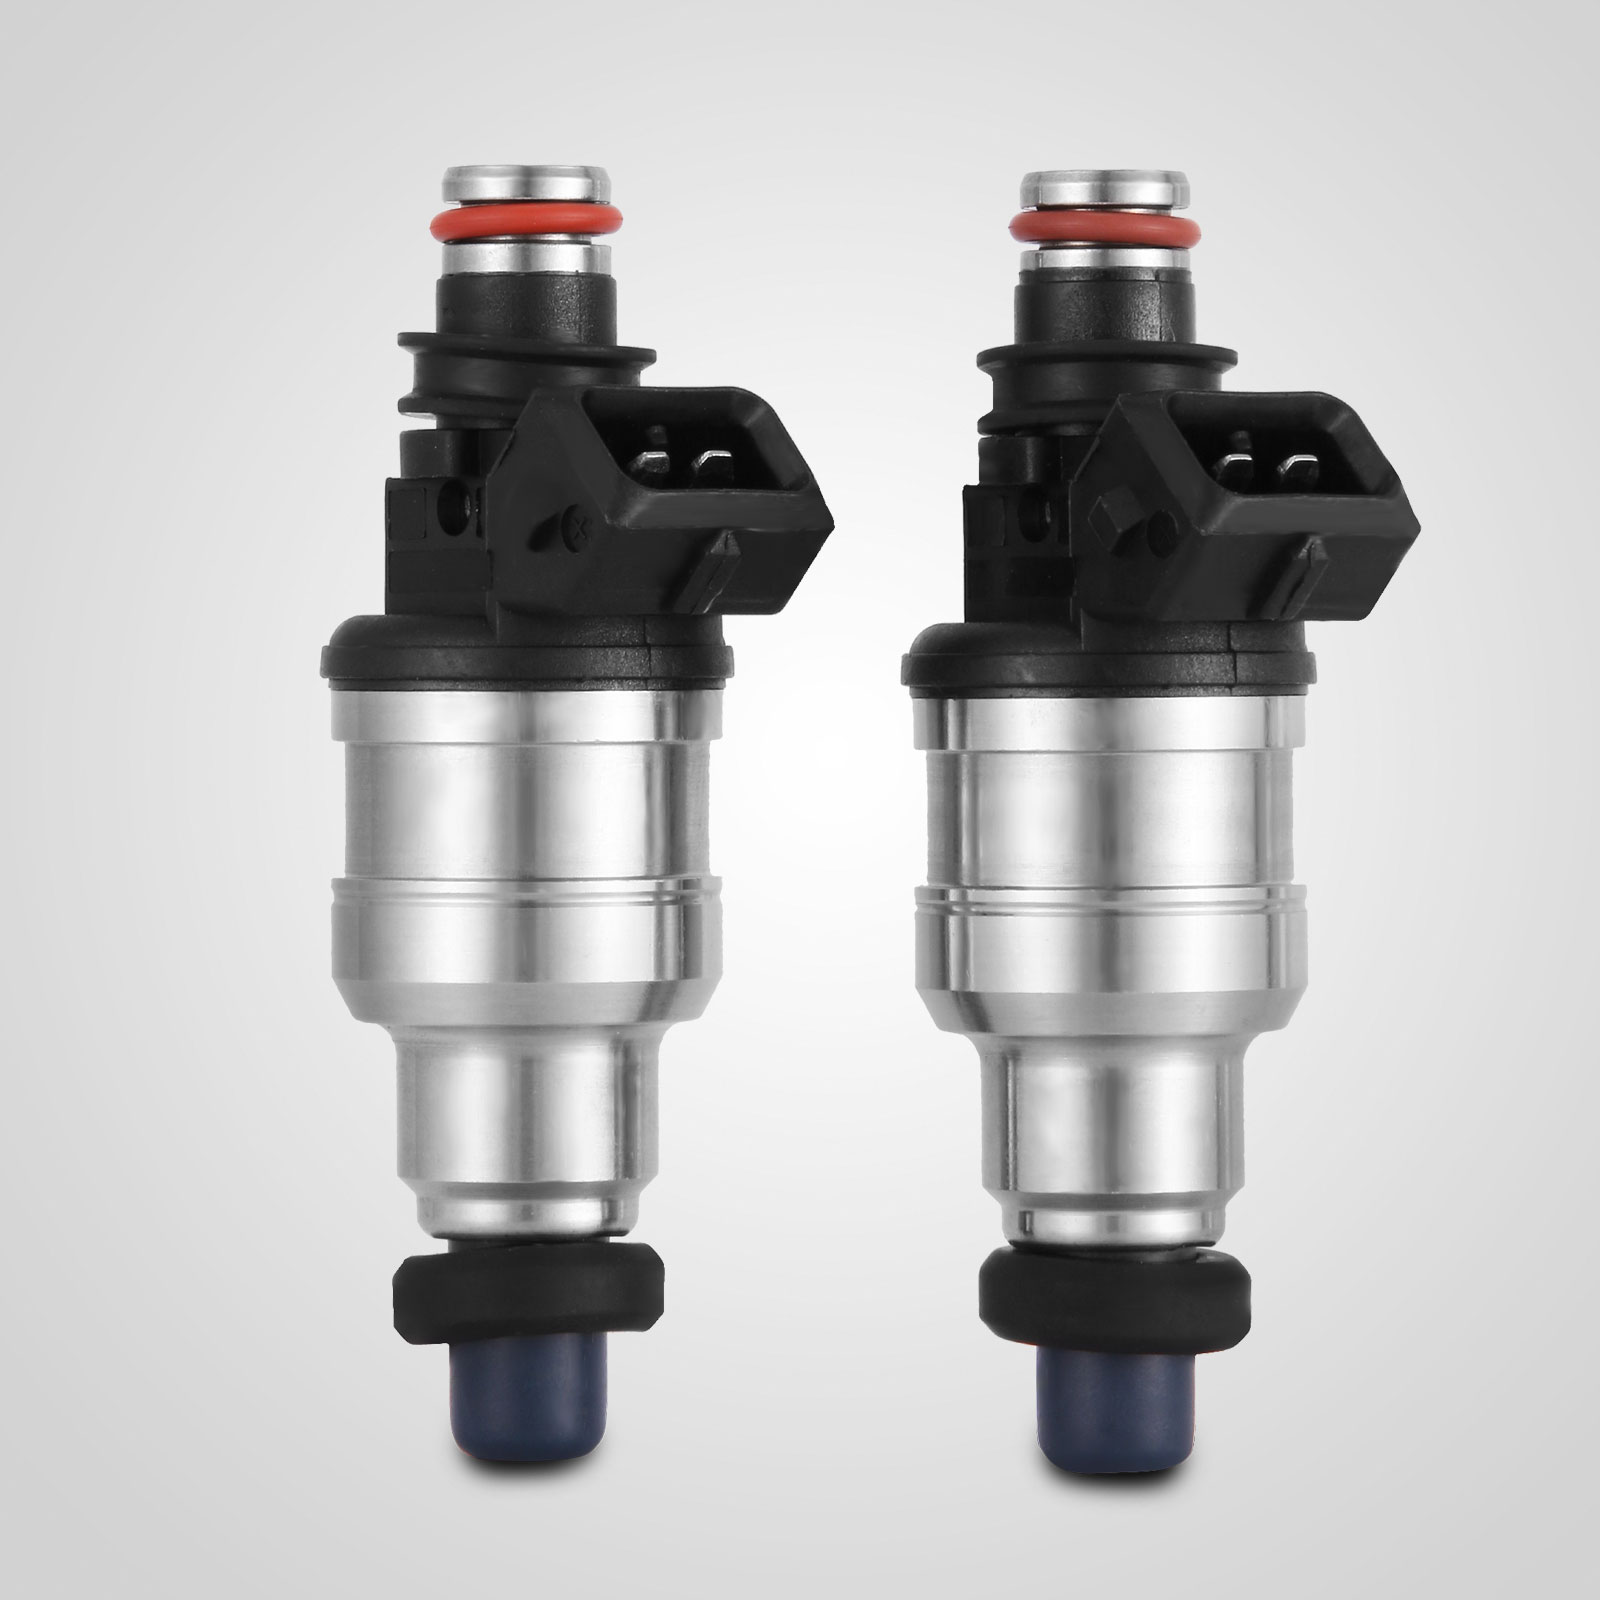 550cc Fuel Injectors Fit Honda OBD1 B16 B18 B20 D15 D16